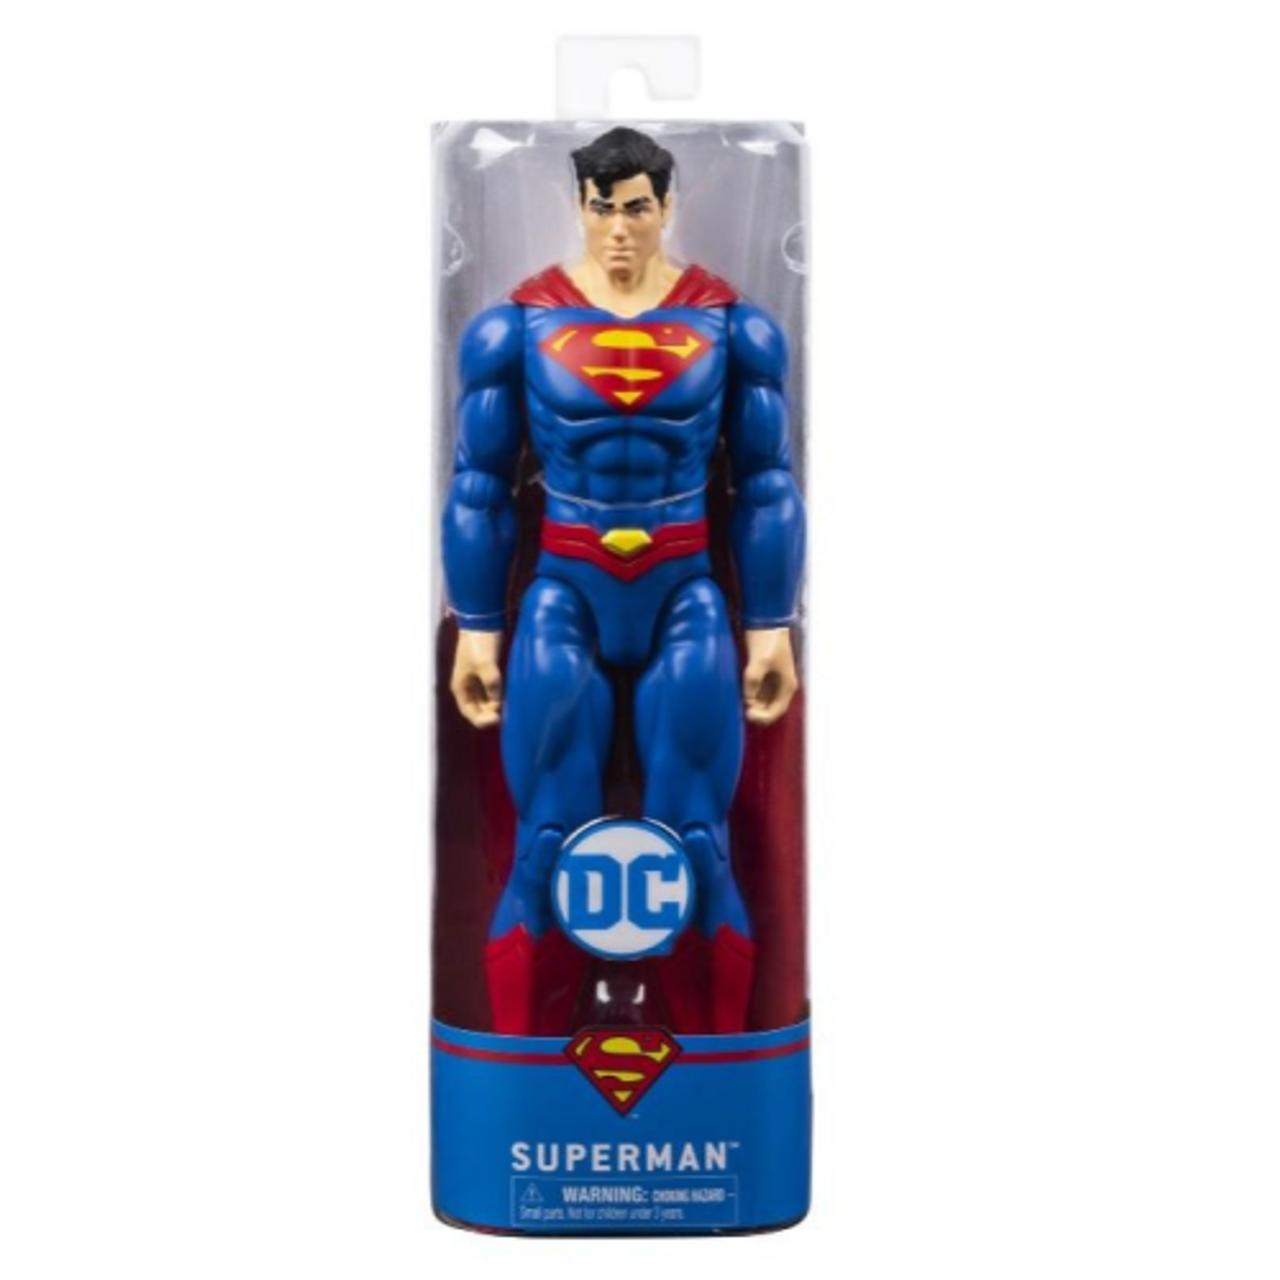 DC Comics Superman 12-inch Action Figure